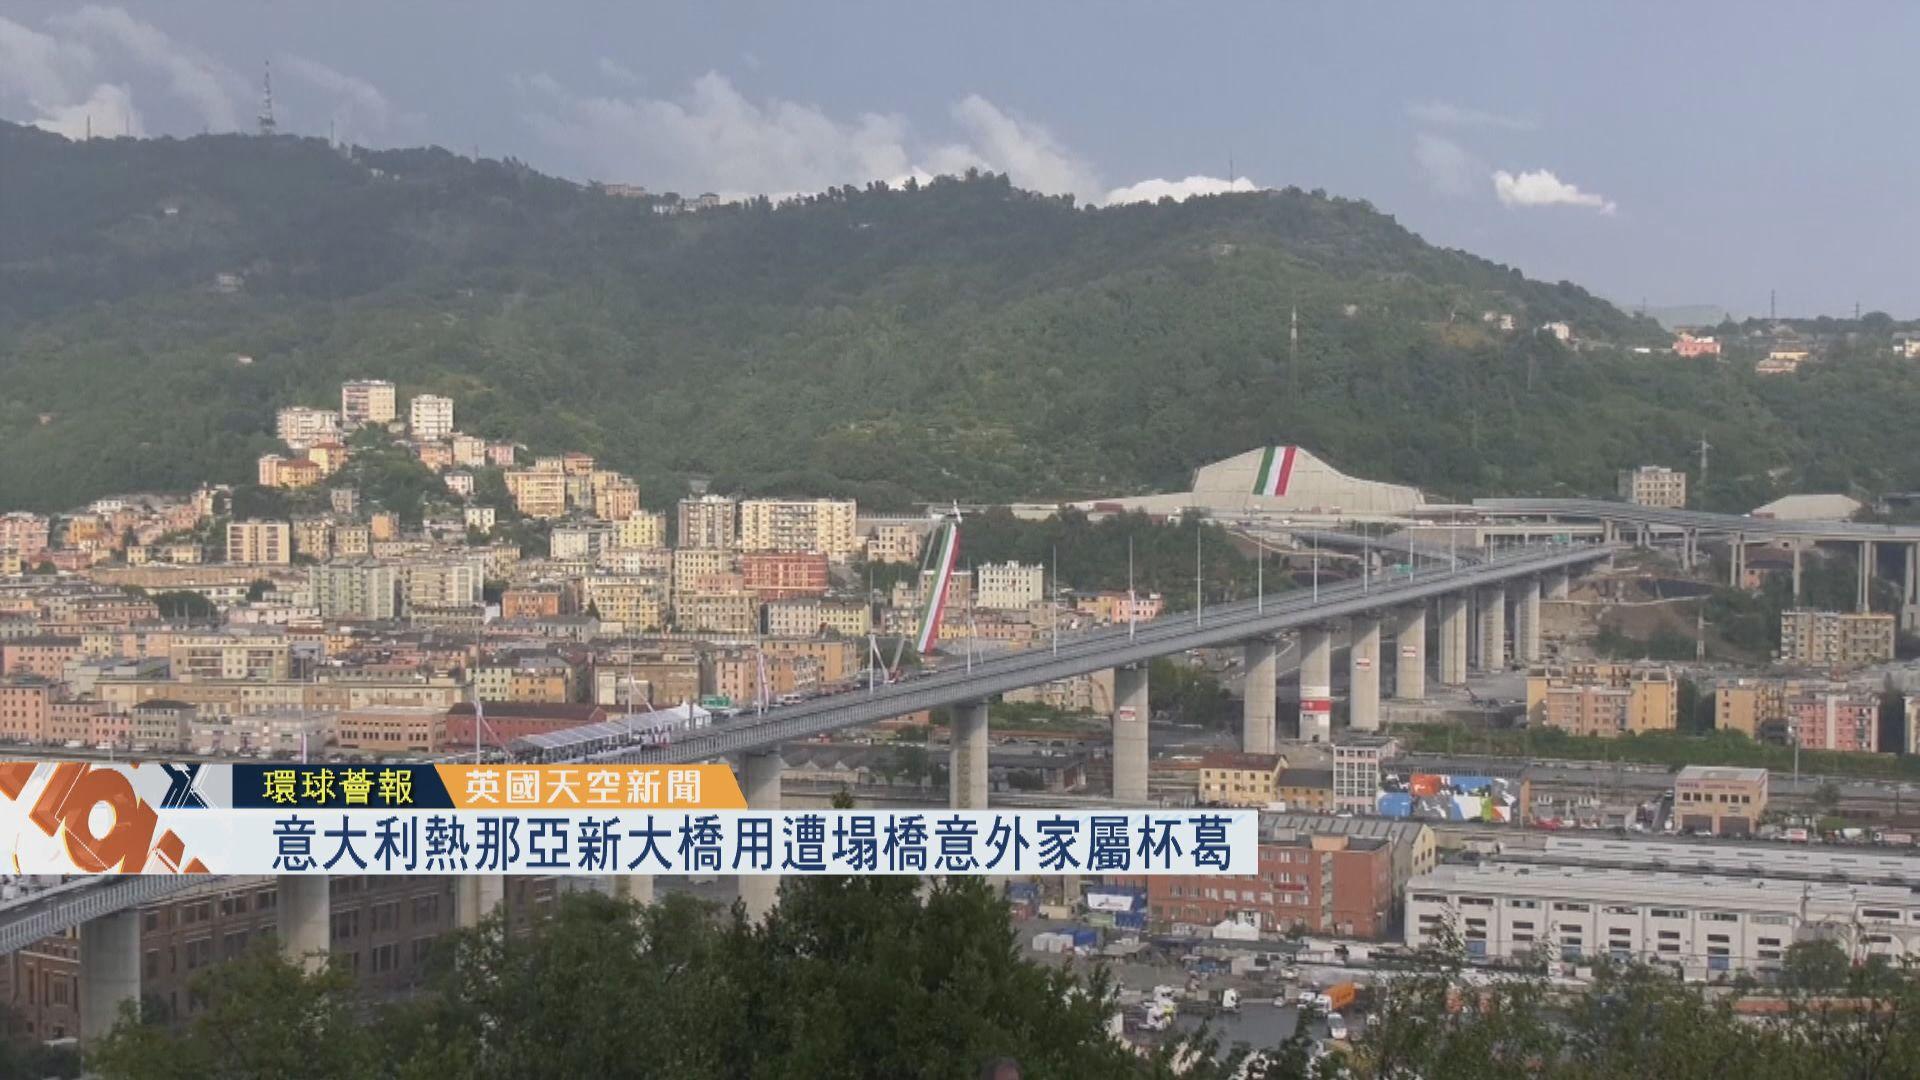 【環球薈報】意大利新大橋啓用被塌橋意外家屬杯葛